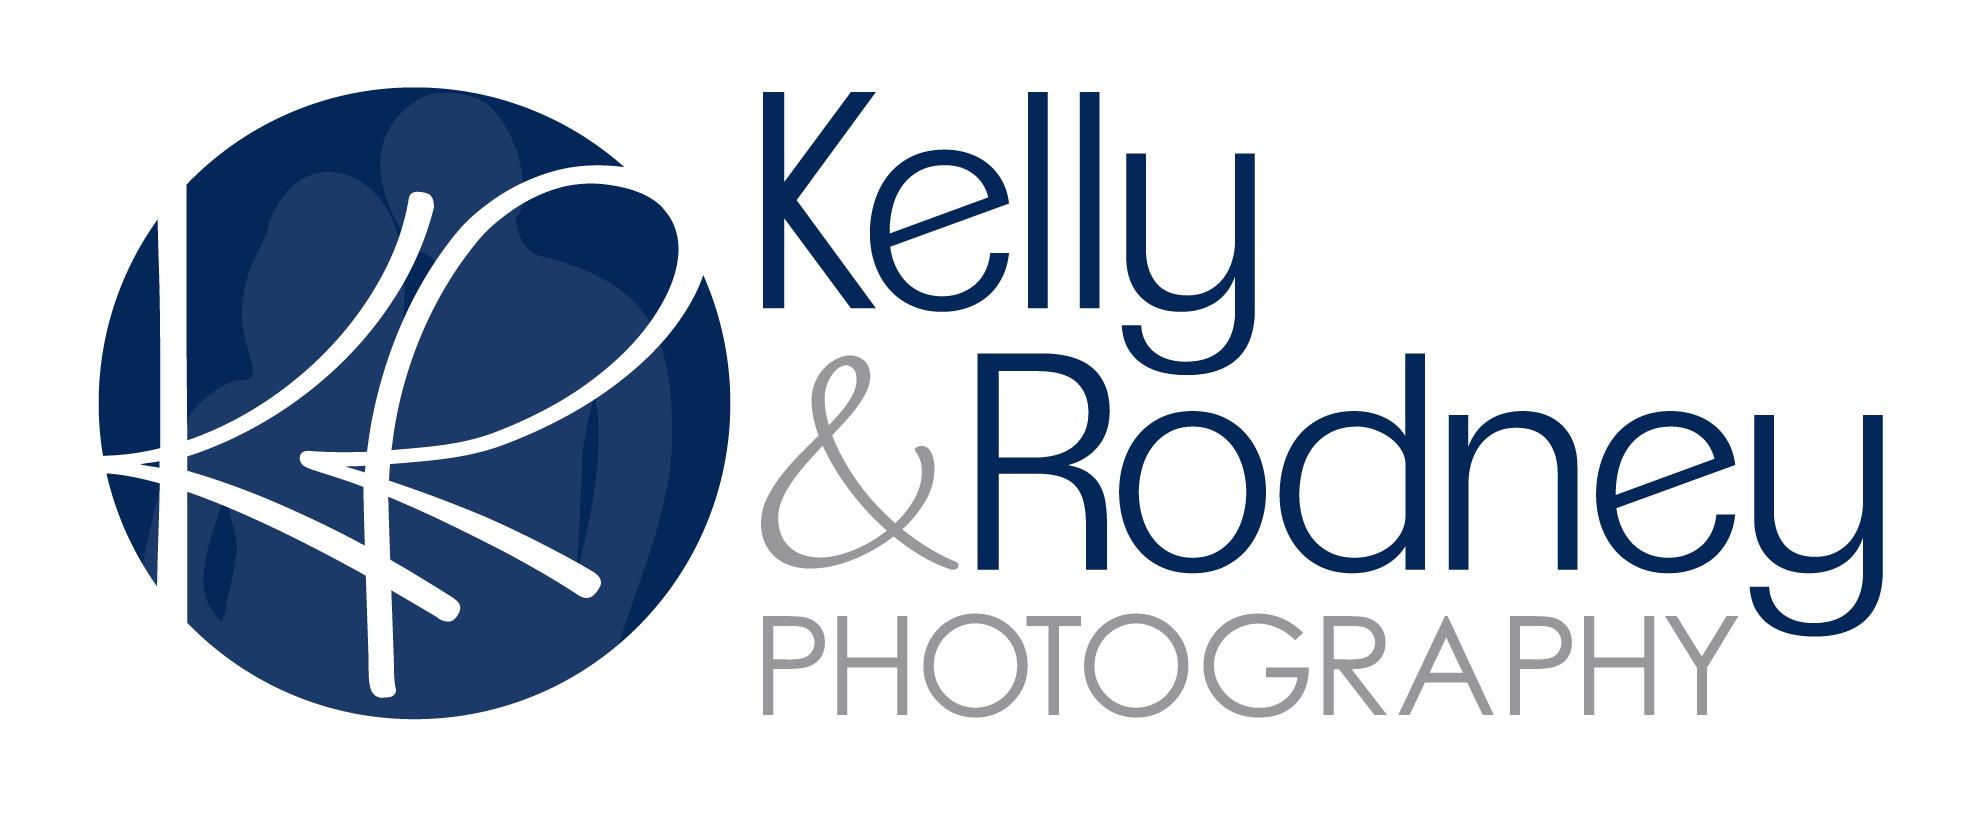 Kelly & Rodney Photography